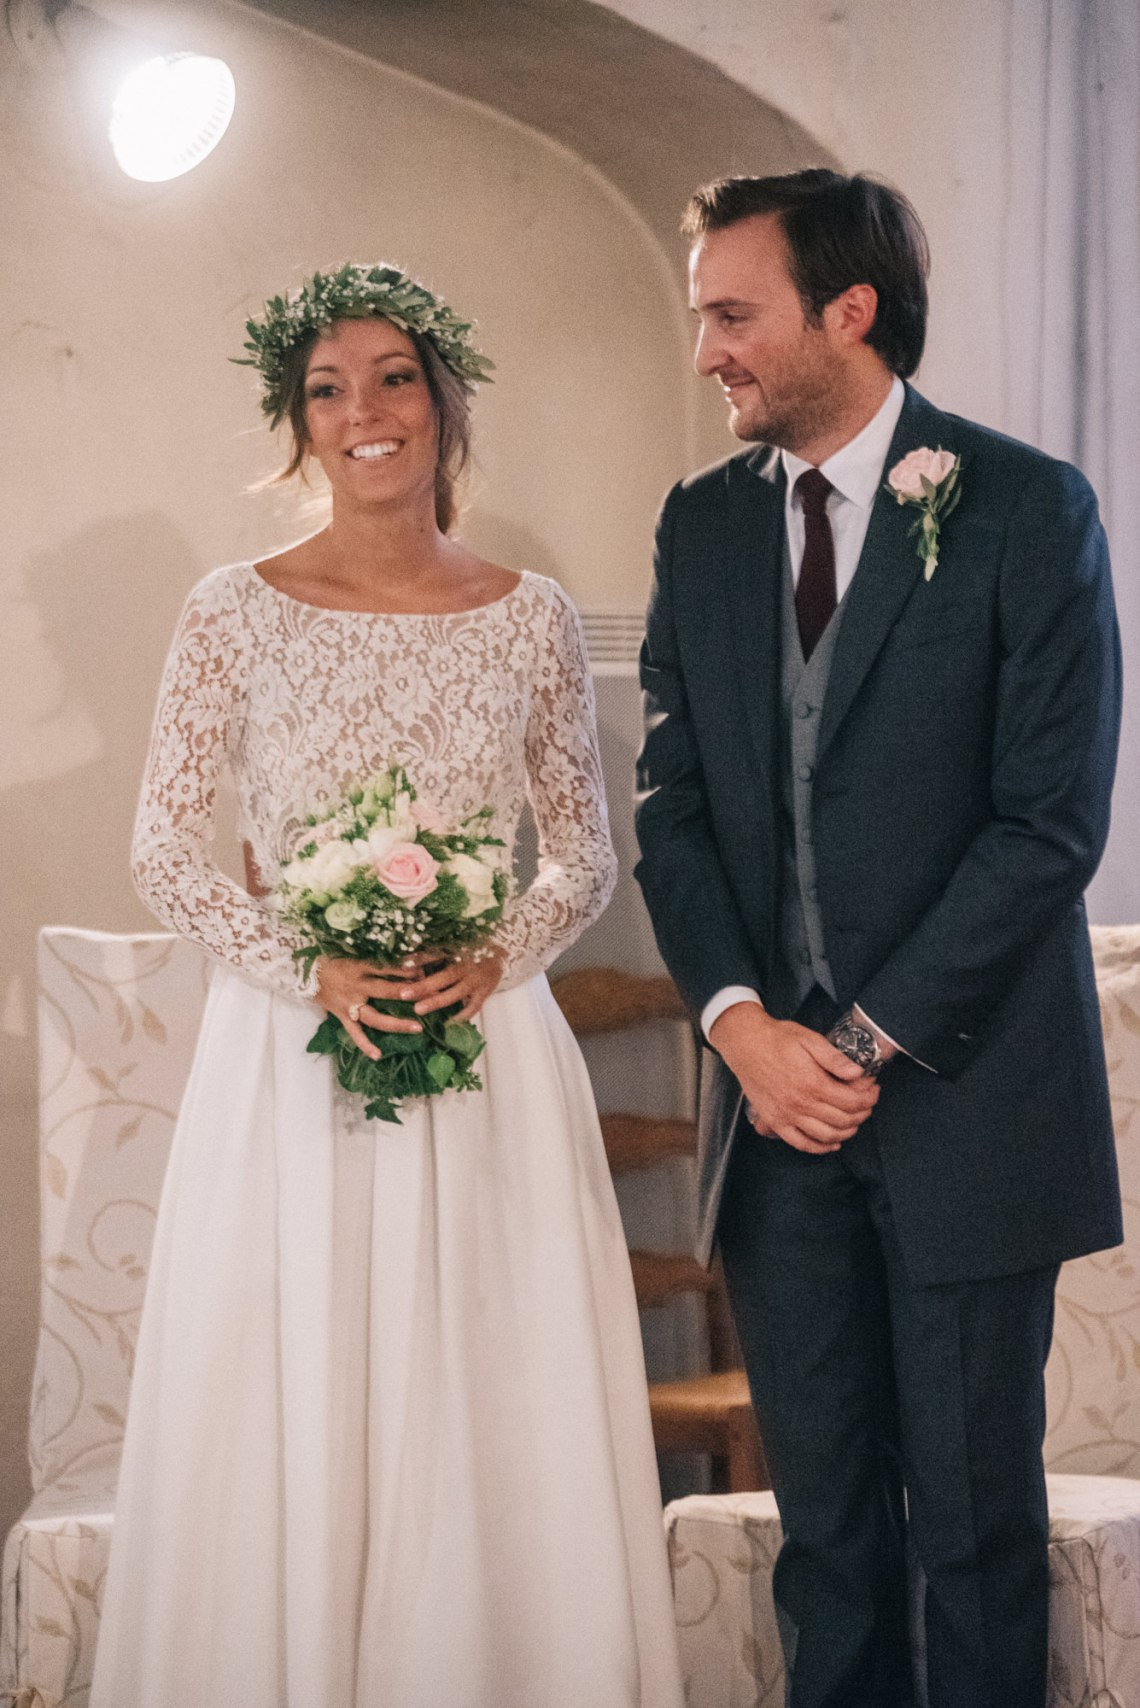 photographe-mariage-angers-nantes-vendee-25